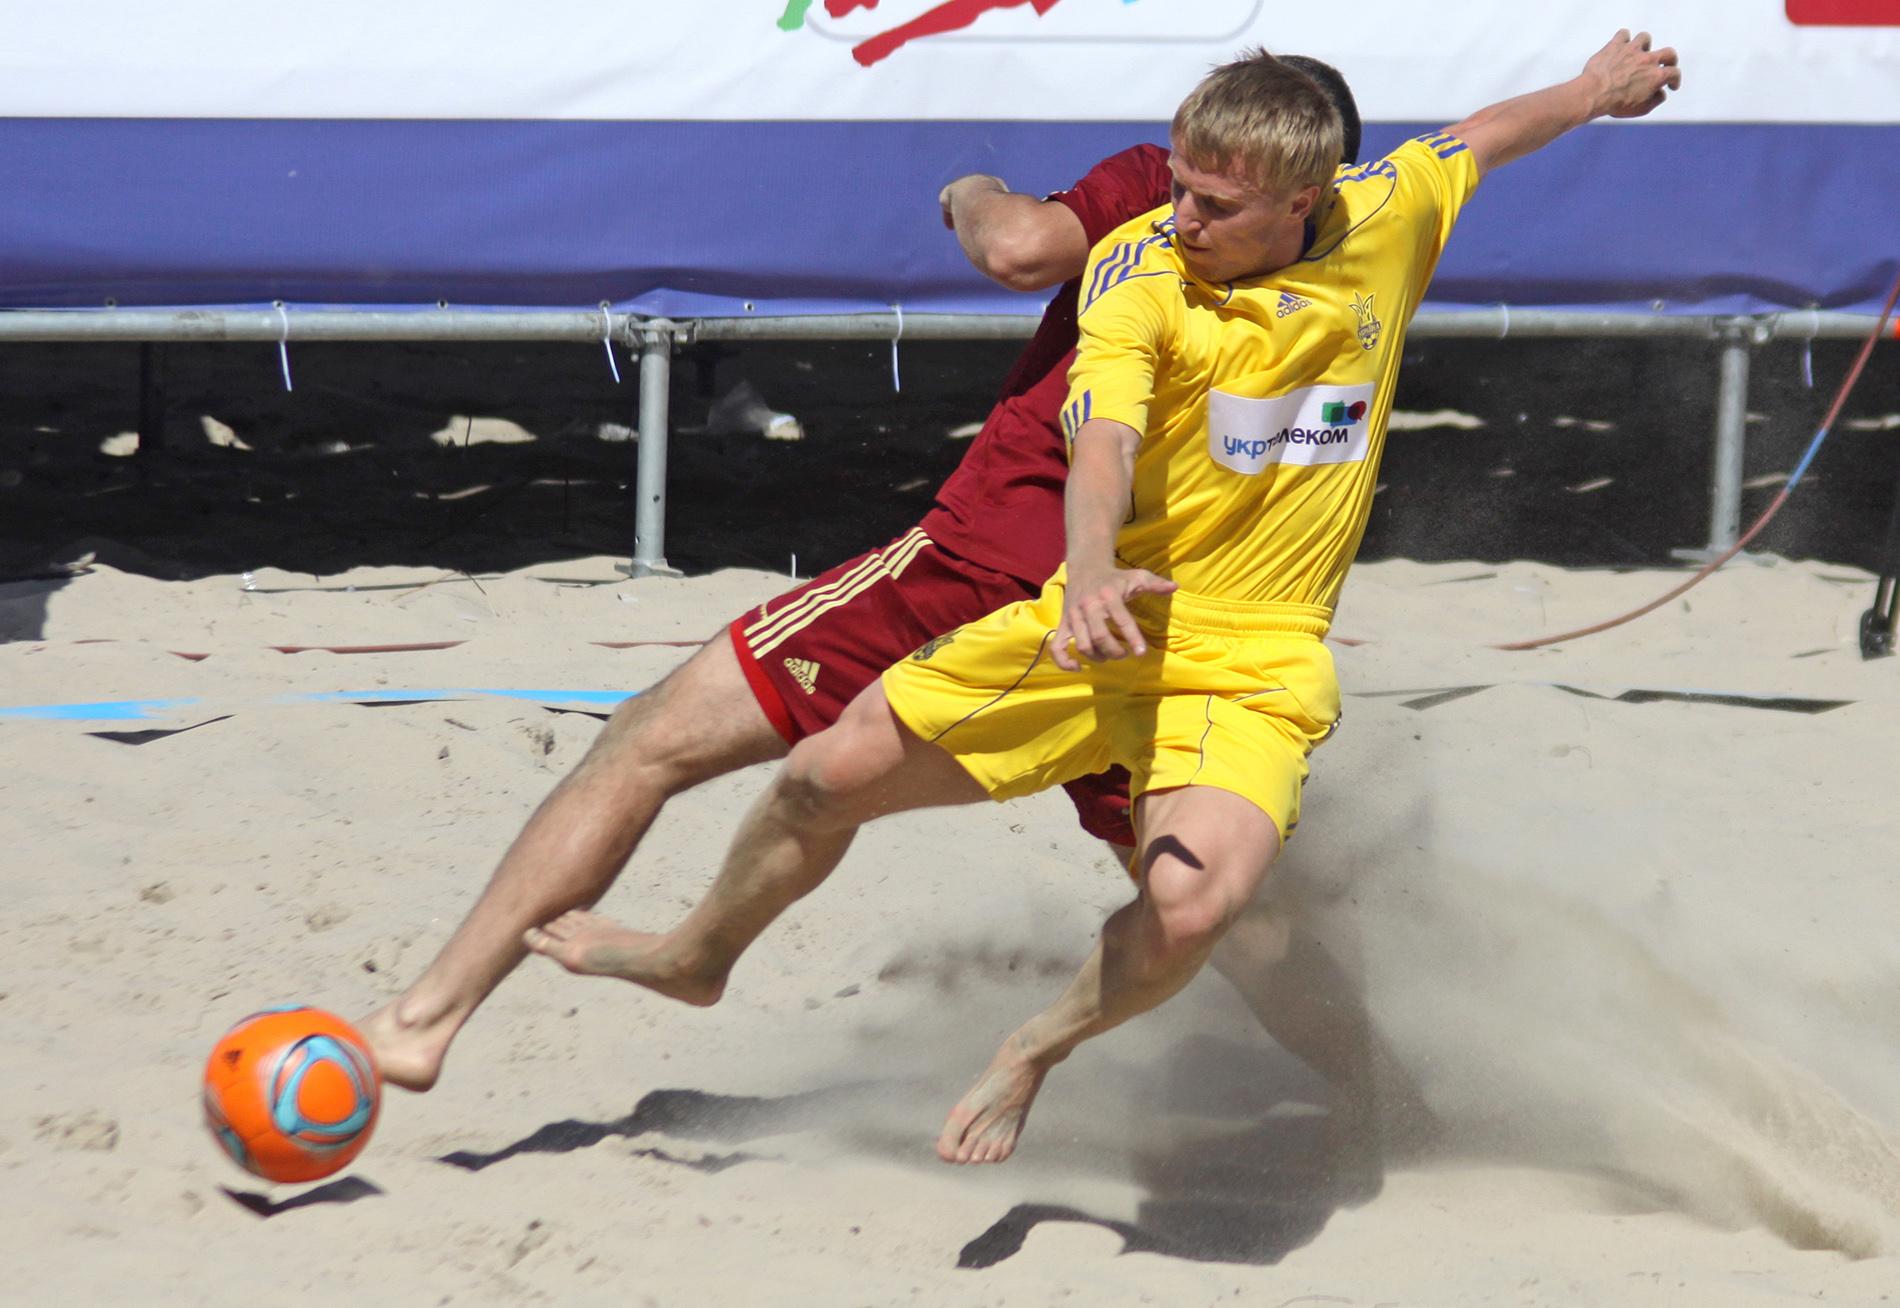 СМИ: Сборной Украины по пляжному футболу запретили ехать в Москву на чемпионат мира